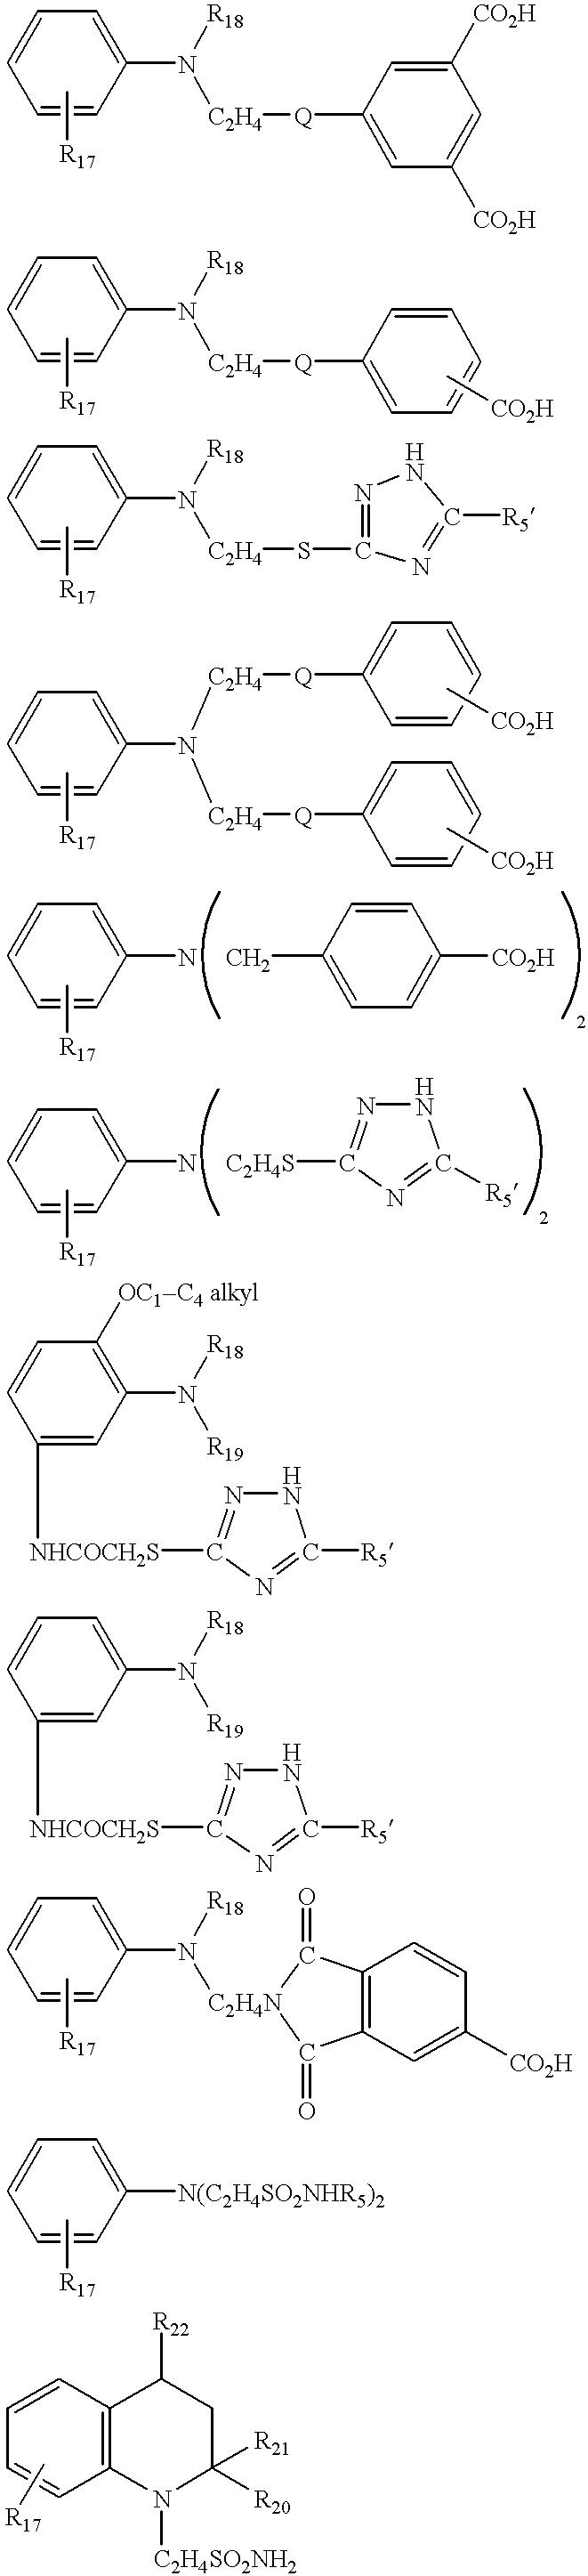 Figure US06197223-20010306-C00030